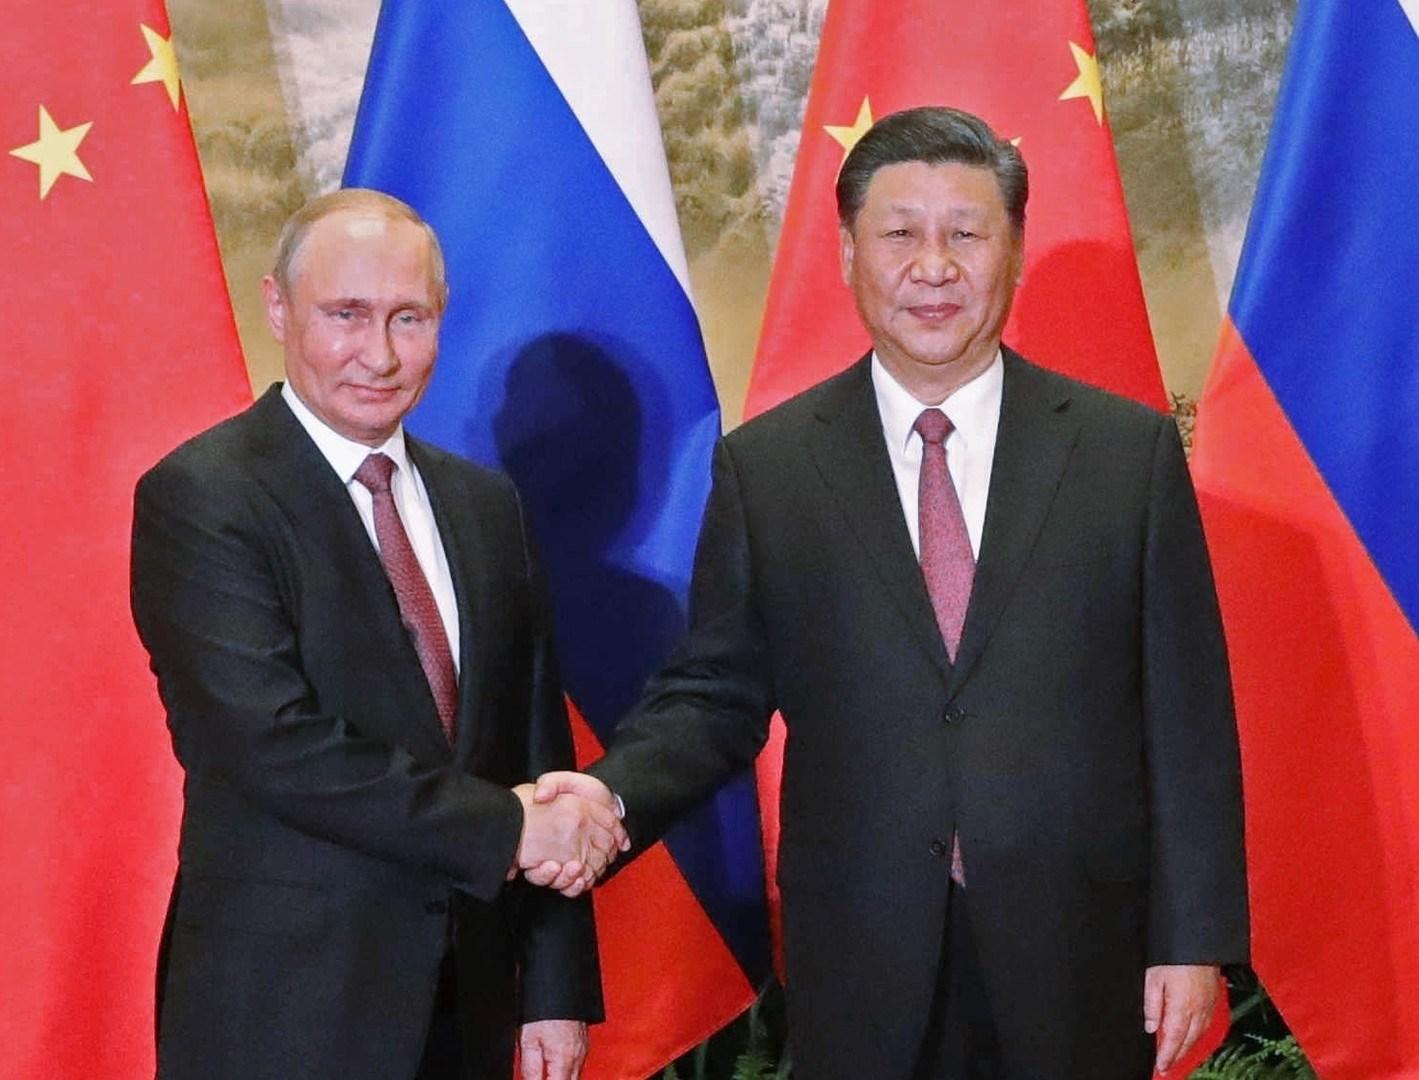 الرئيس الروسي فلاديمير بوتين ونظيره الصيني شي جين بينغ (أرشيف)